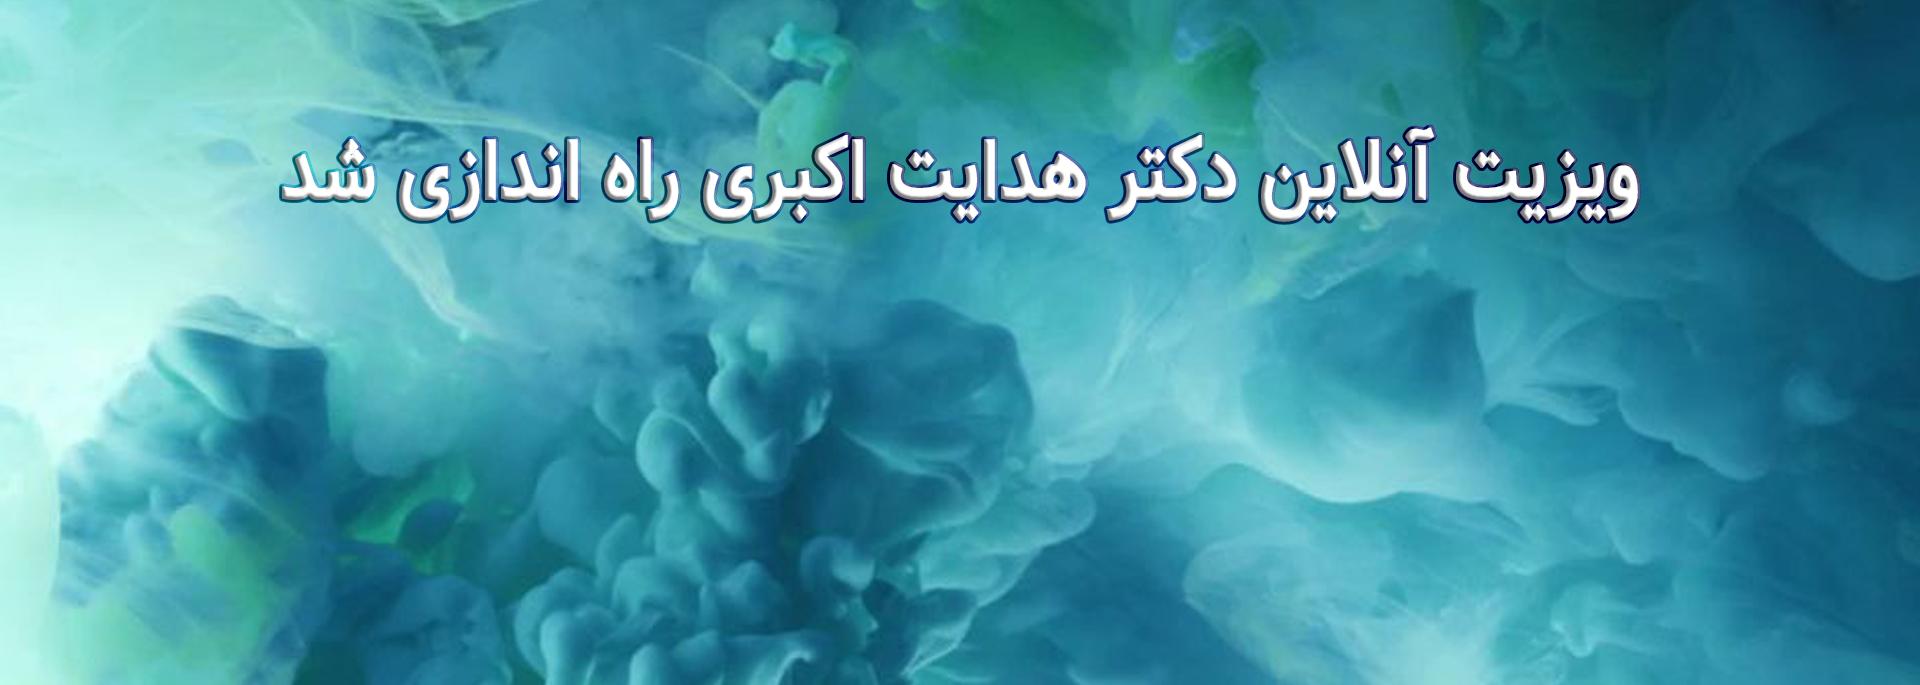 راه اندازی ویزیت آنلاین دکتر هدایت اکبری